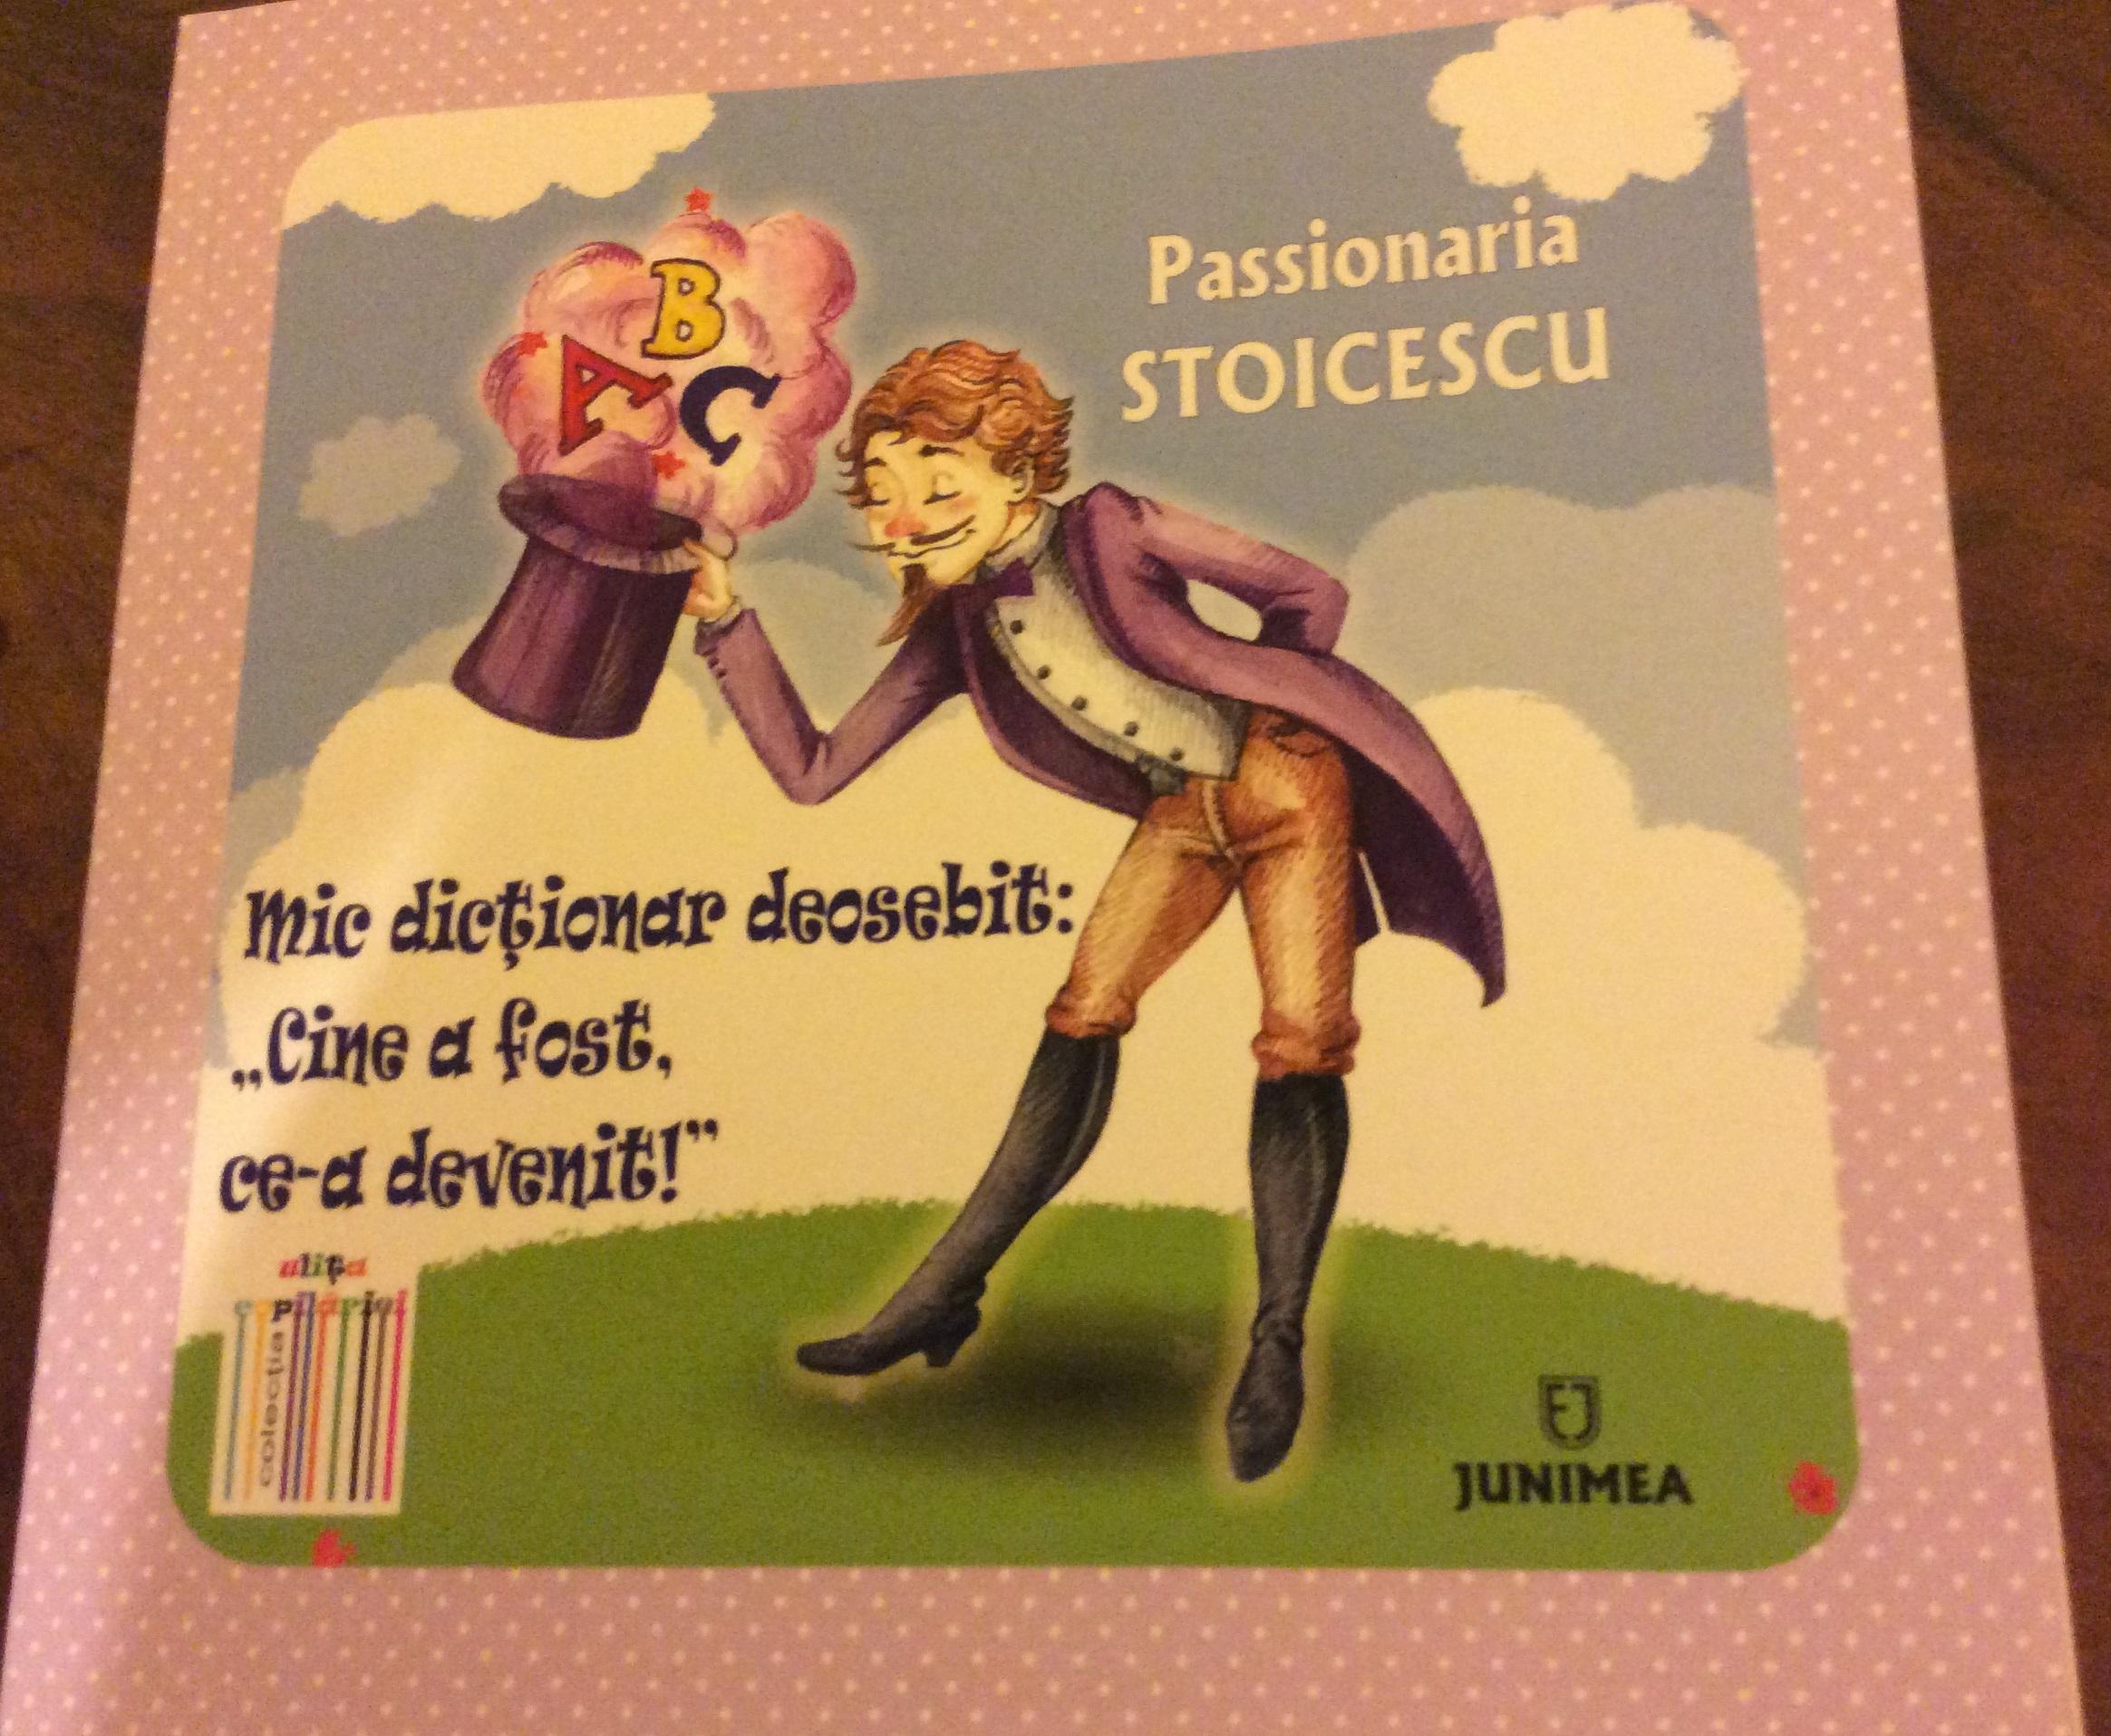 poezii pentru copii passionaria stoicescu